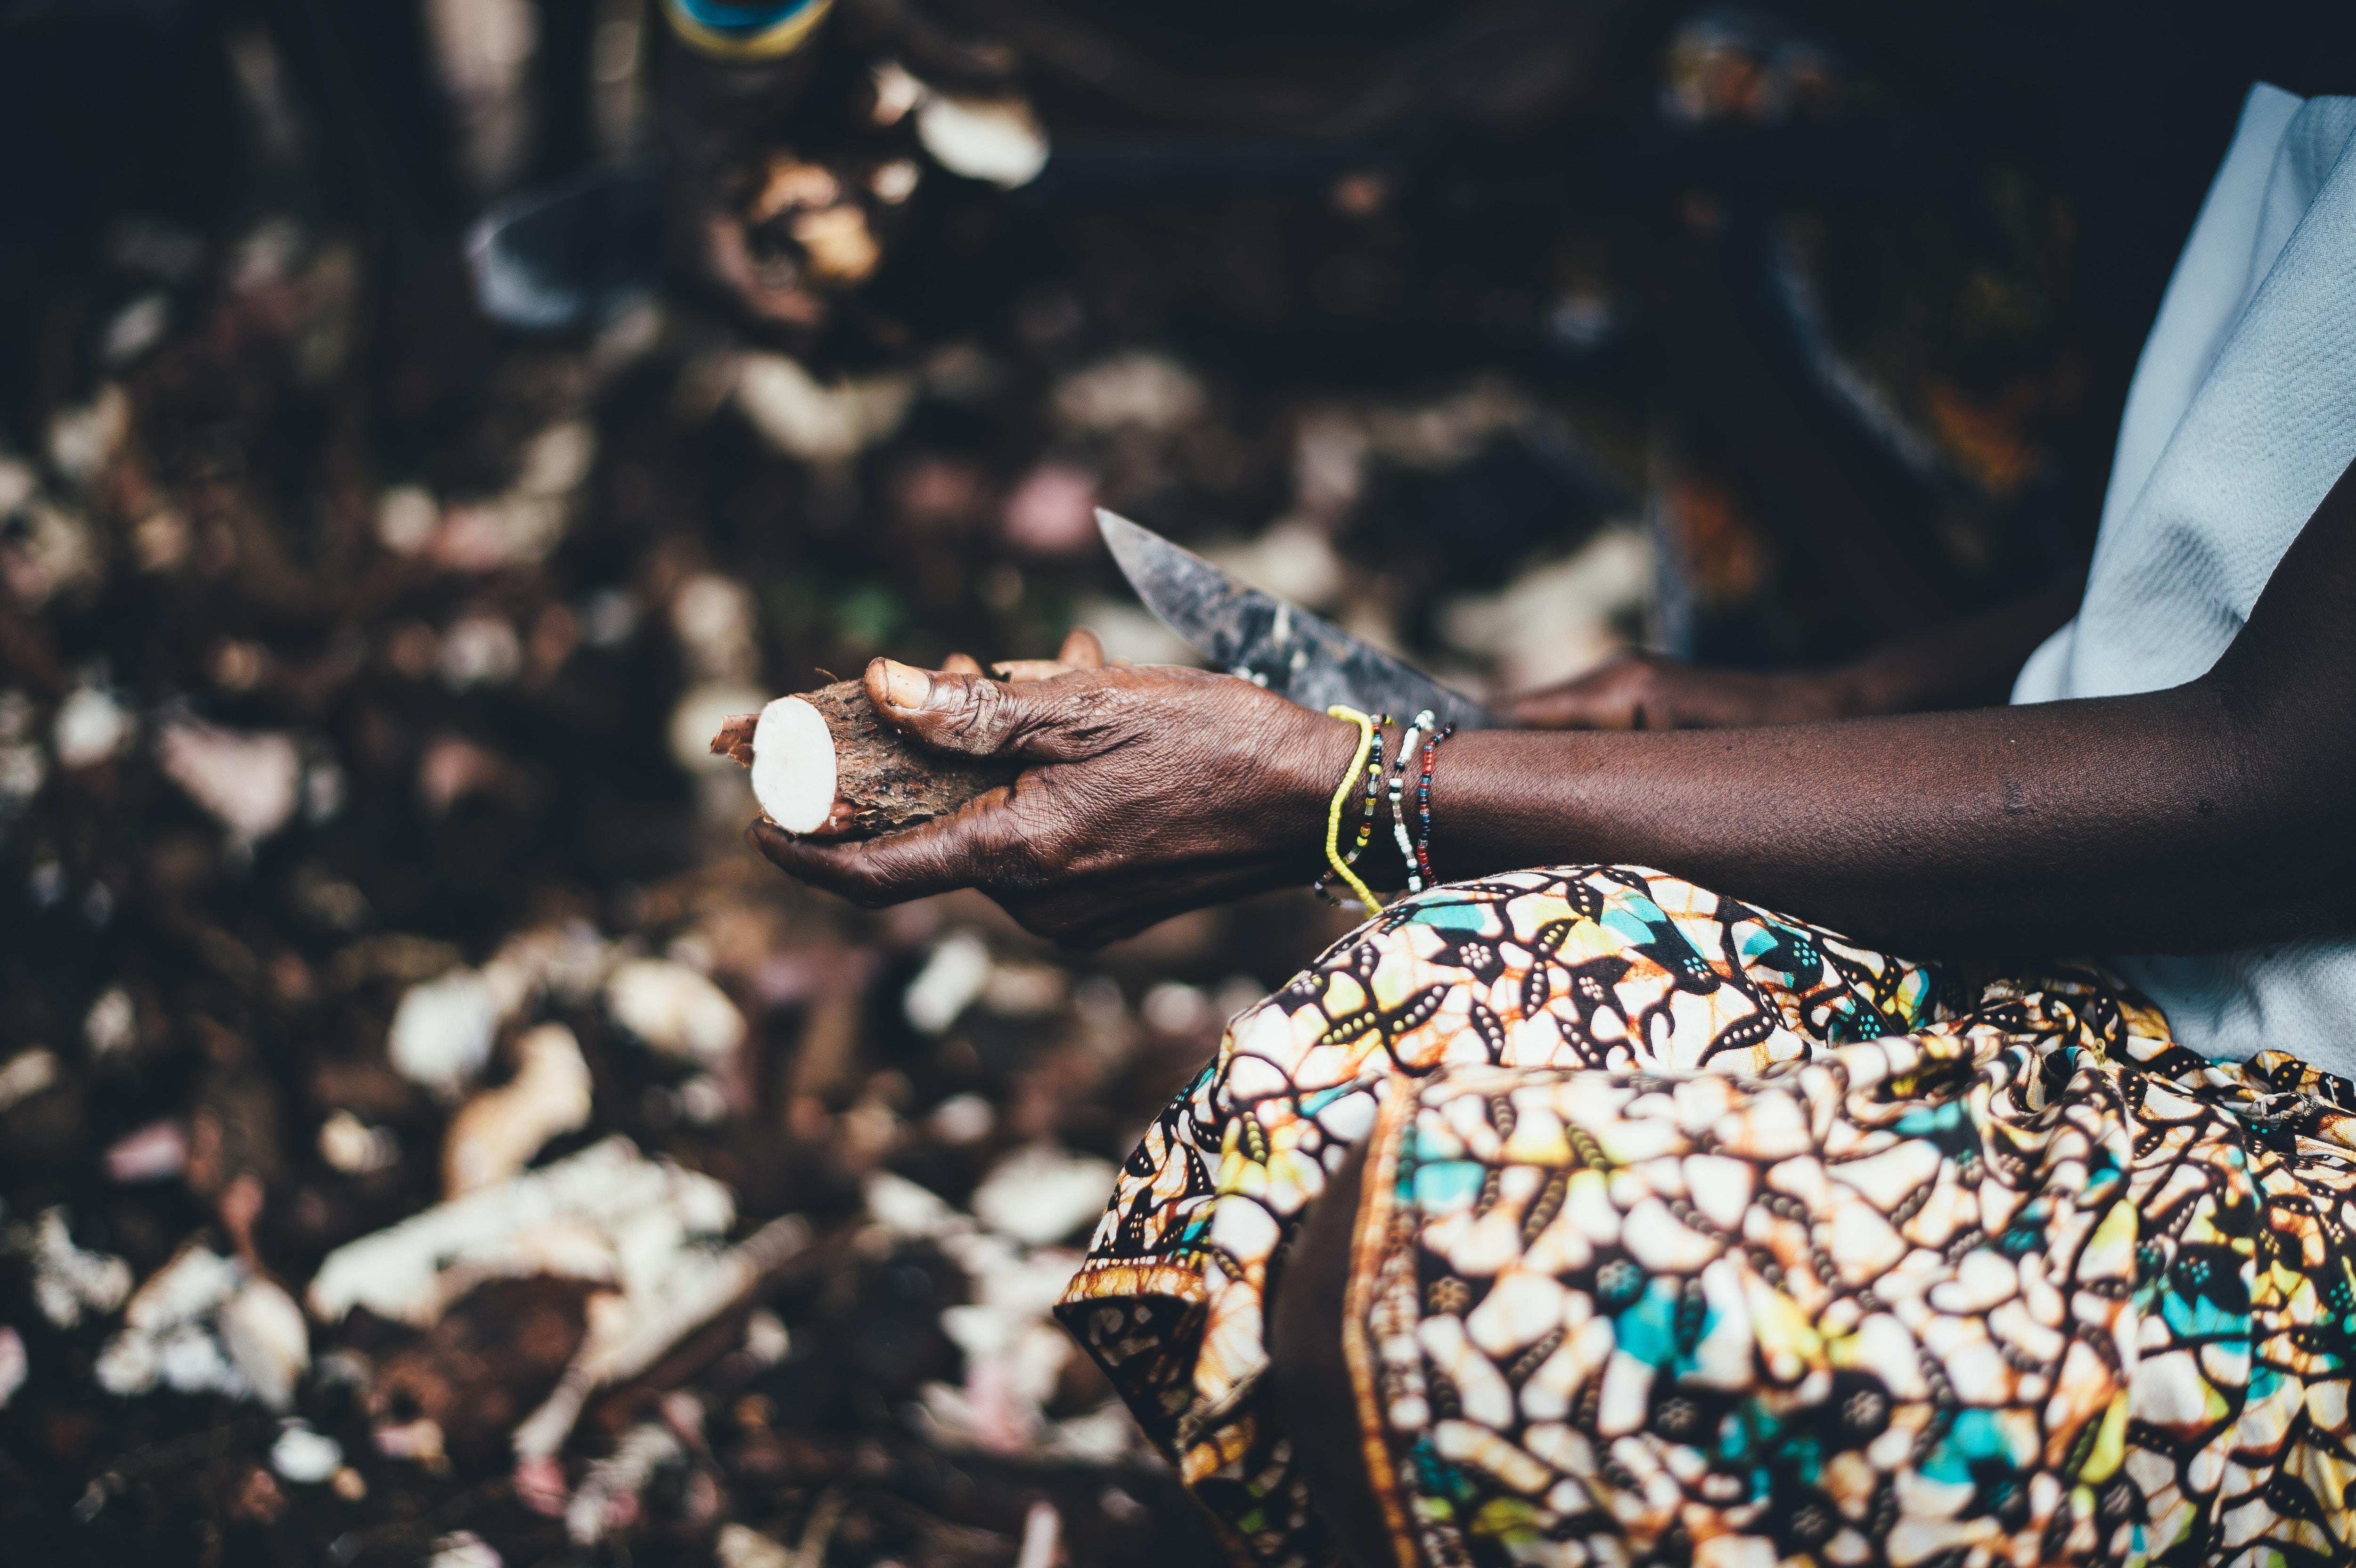 A woman wearing a patterned shirt, peeling food in Sierra Leone